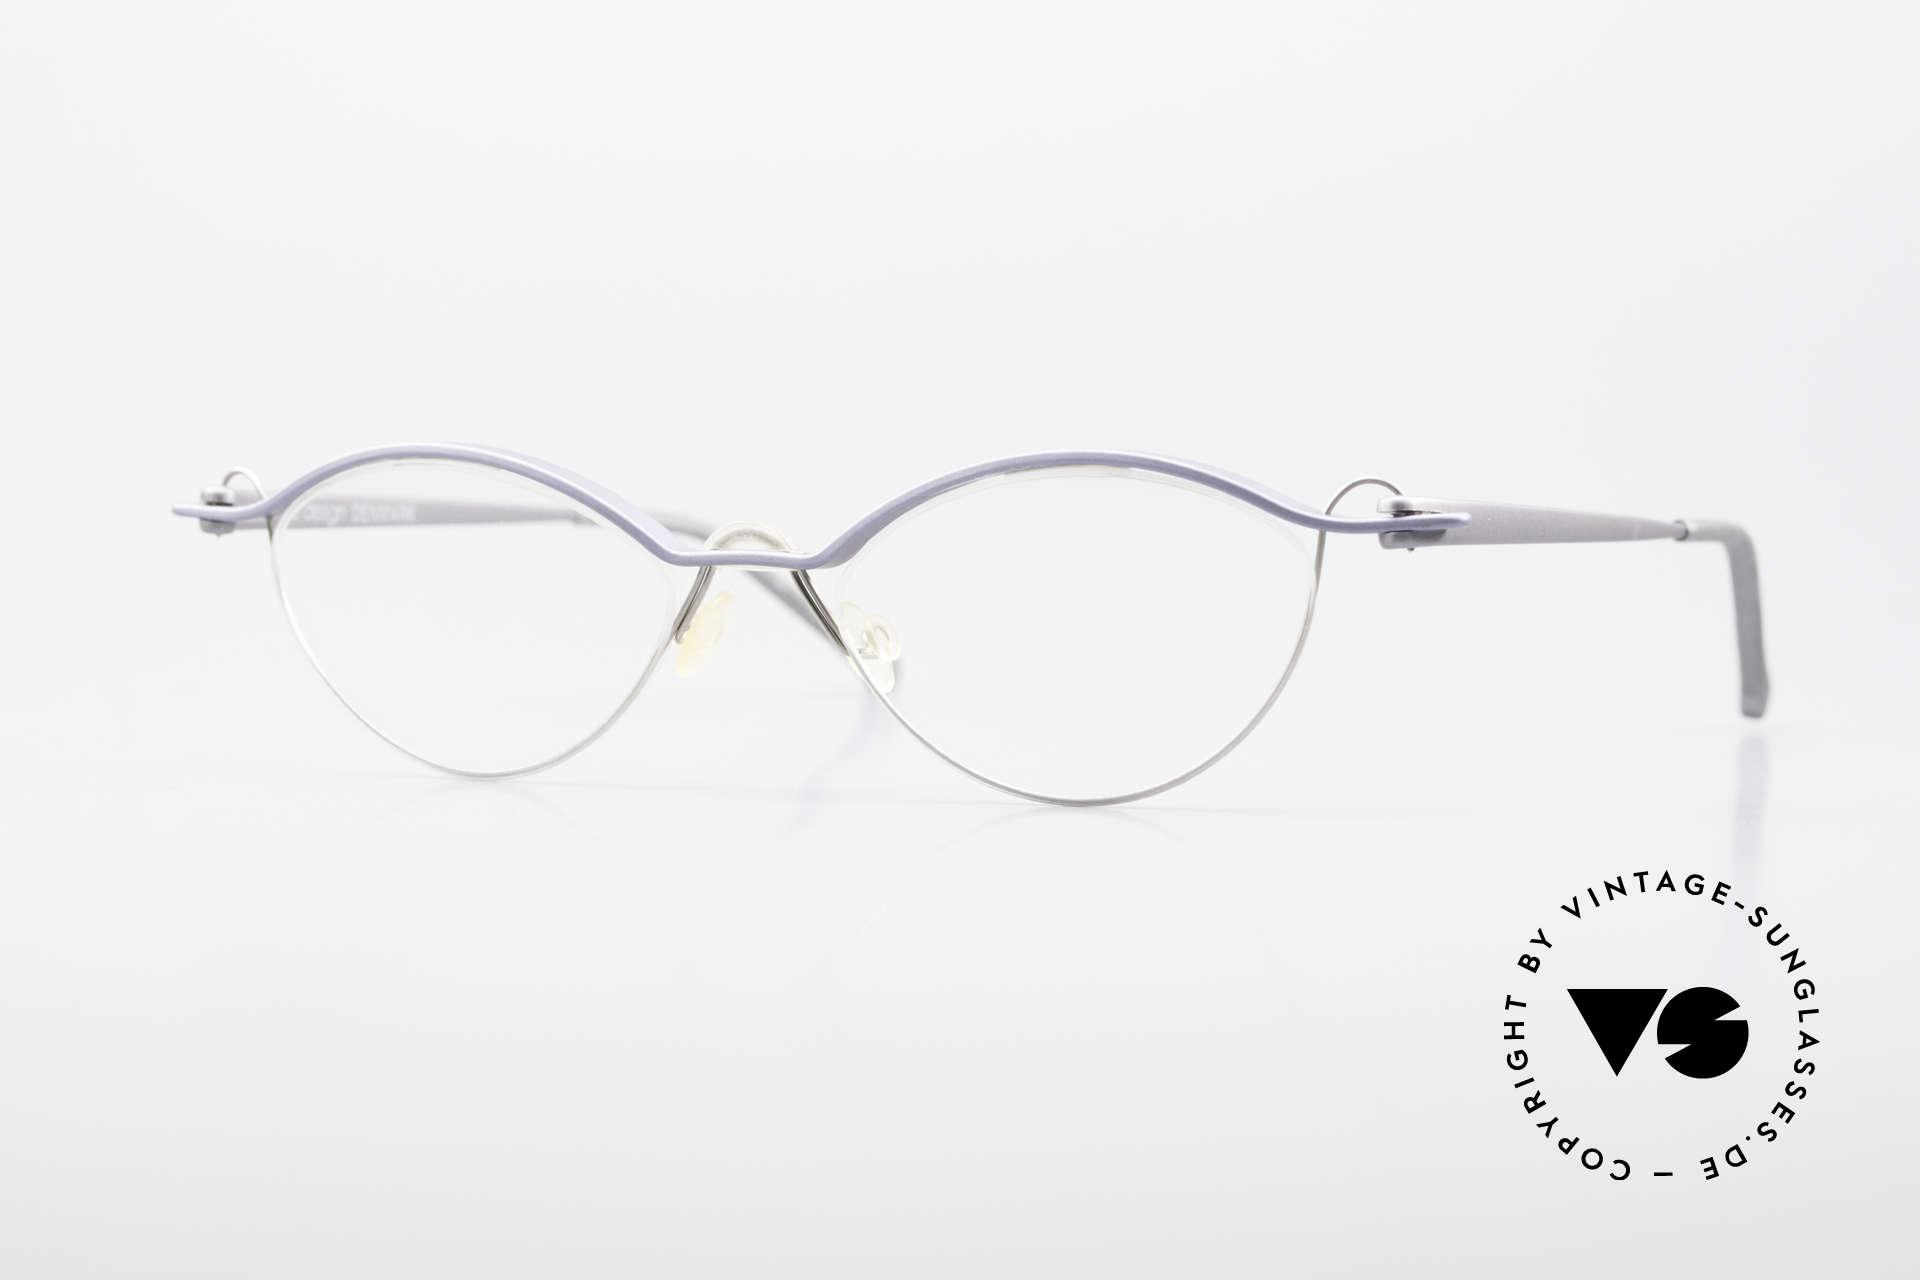 ProDesign No26 Aluminium Gail Spence Frame, Pro Design N°TwentySix - Optic Studio Denmark, Made for Men and Women